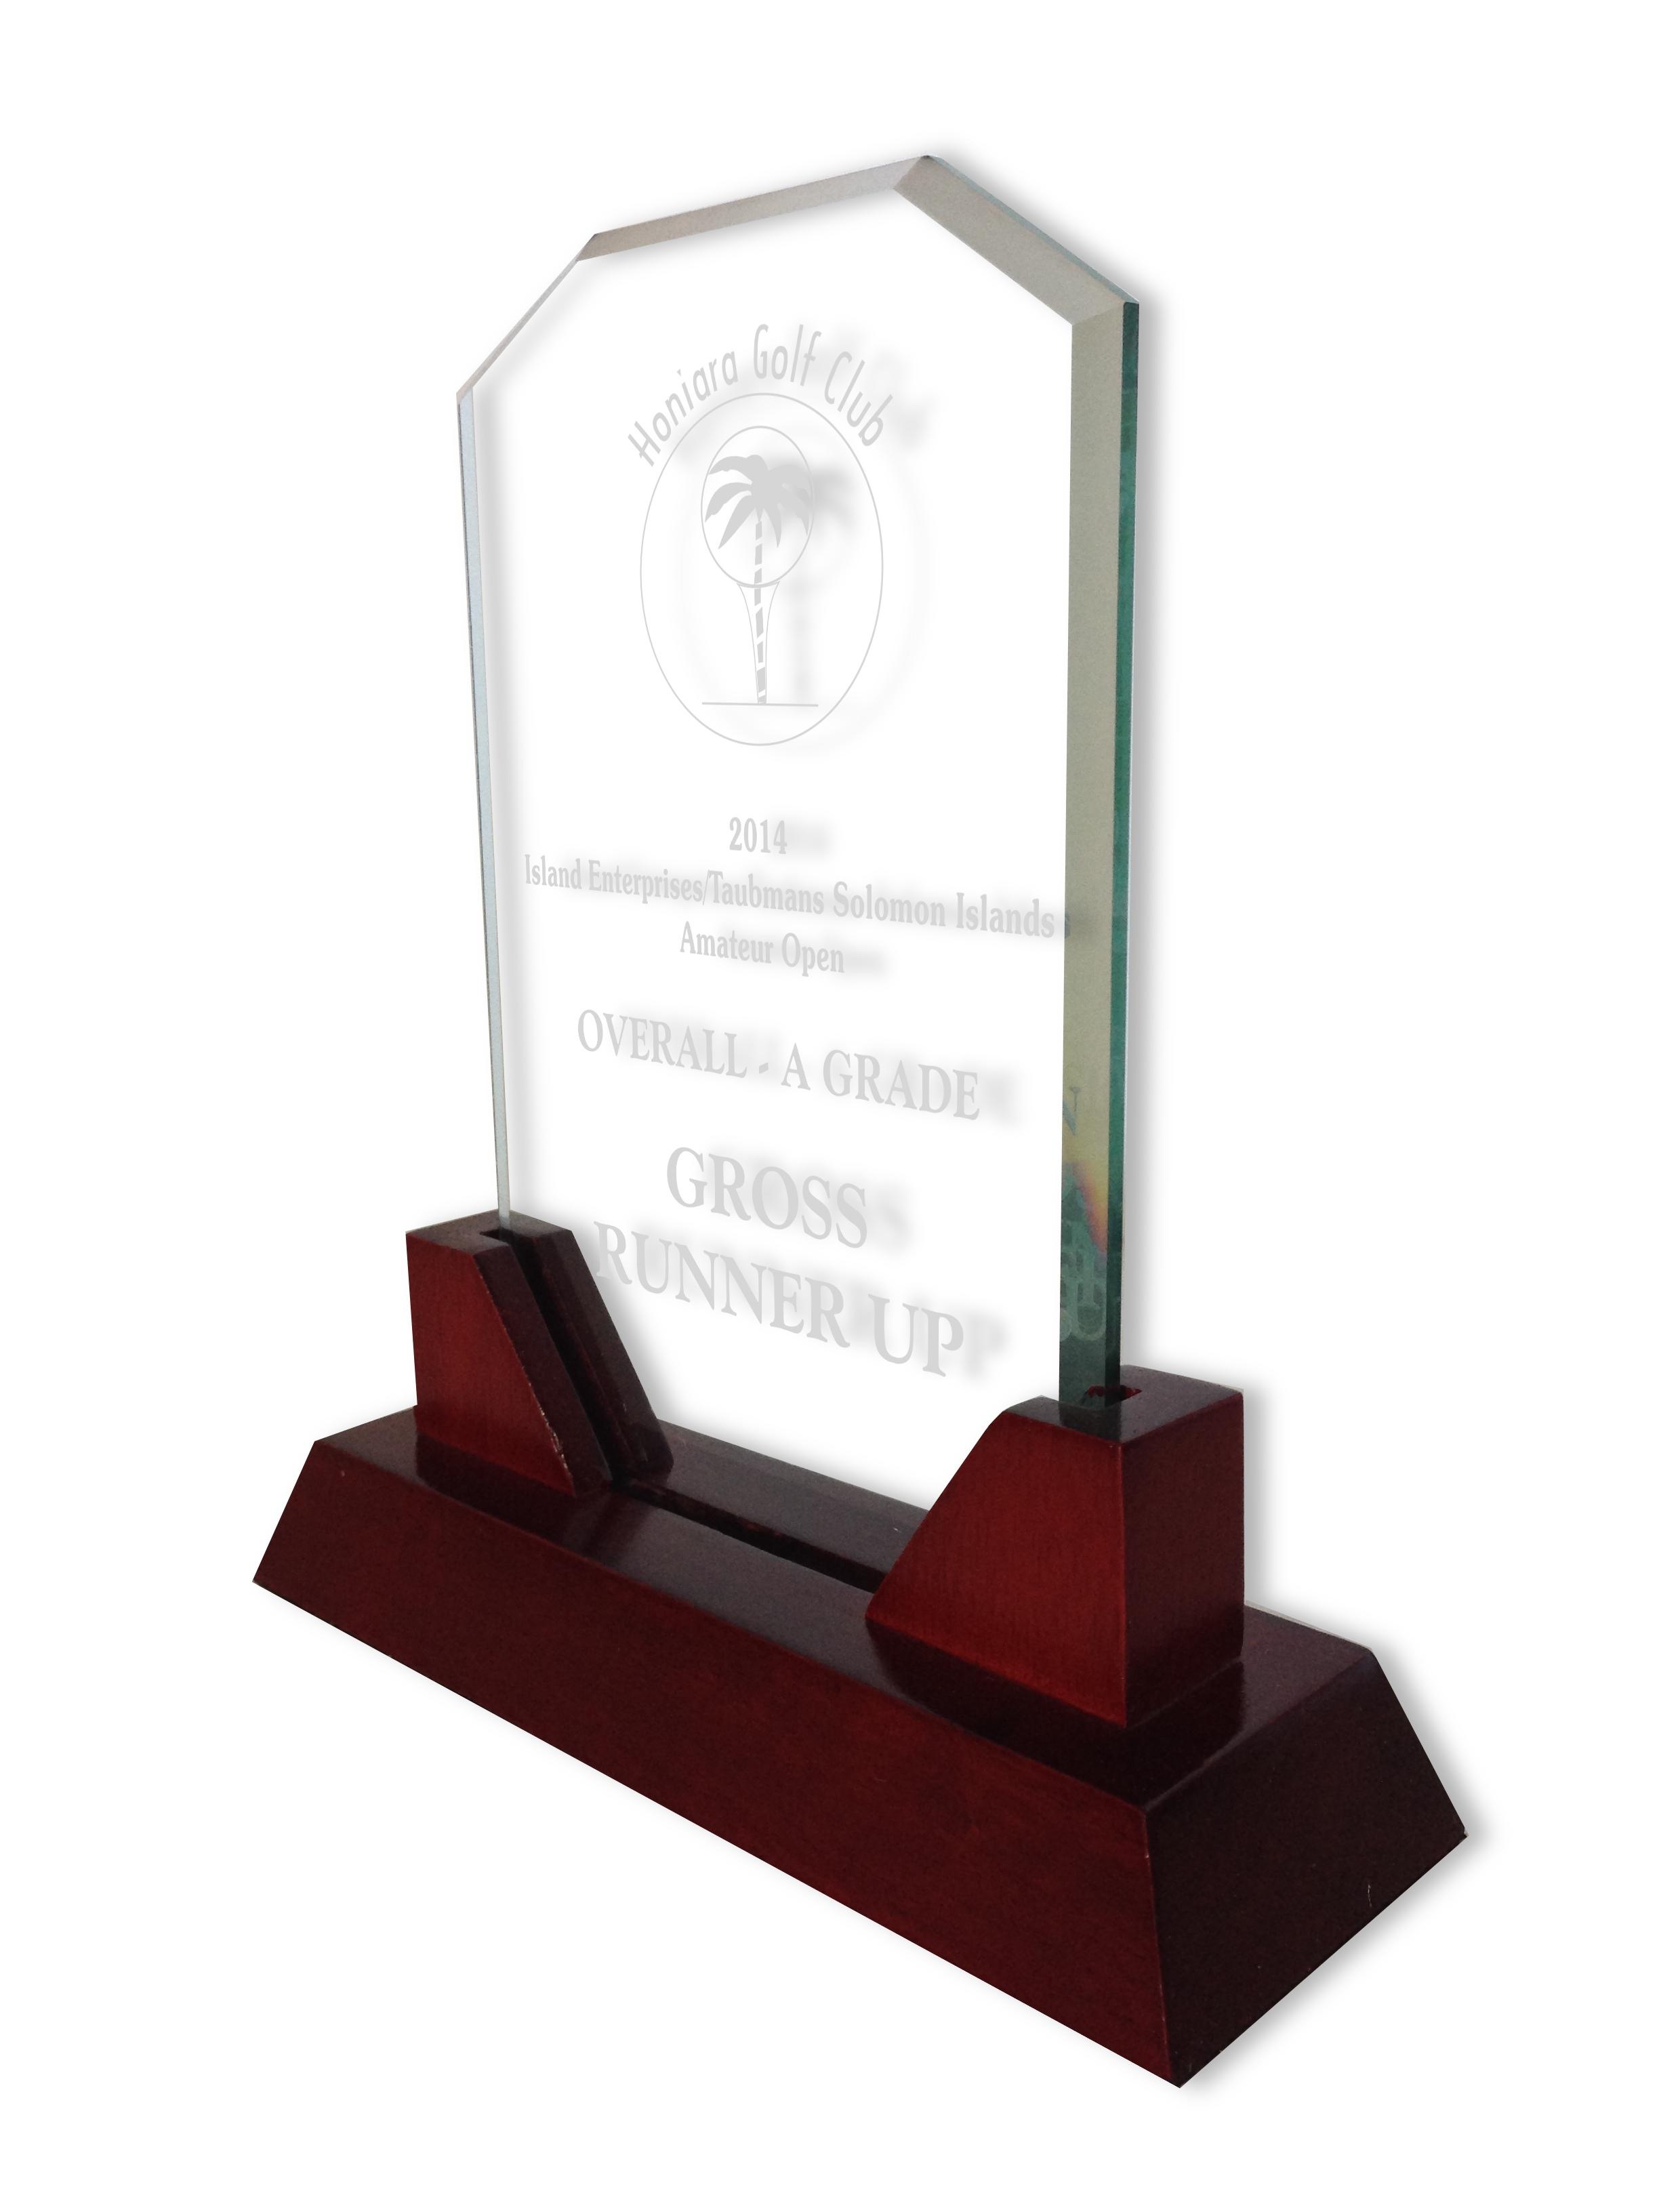 Honiara Golf - Gross Runner Up.jpg